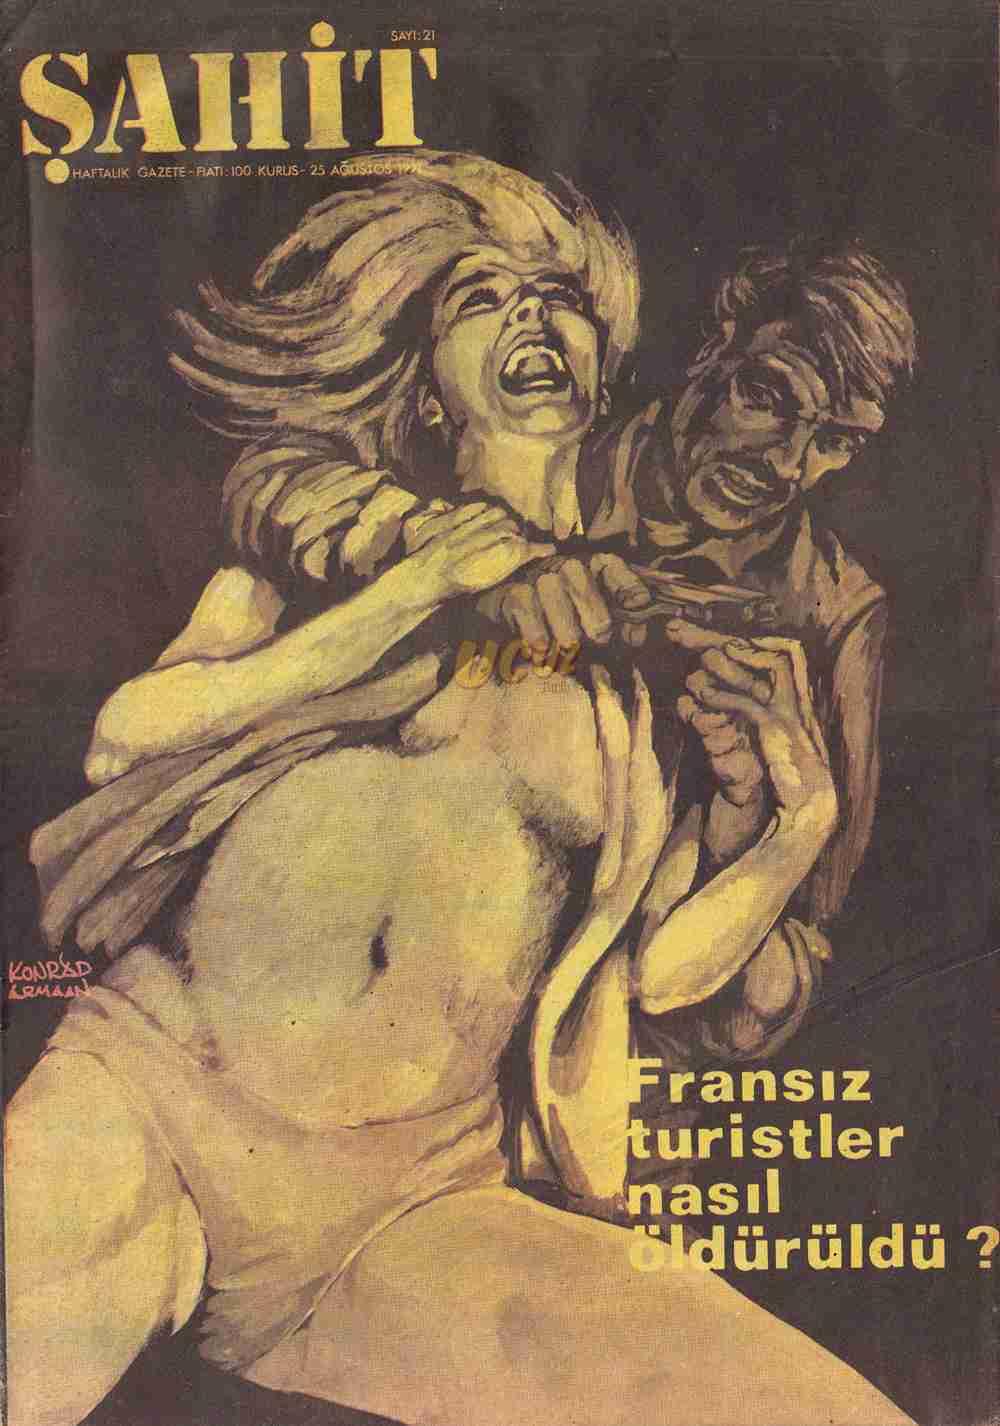 1971-sahit